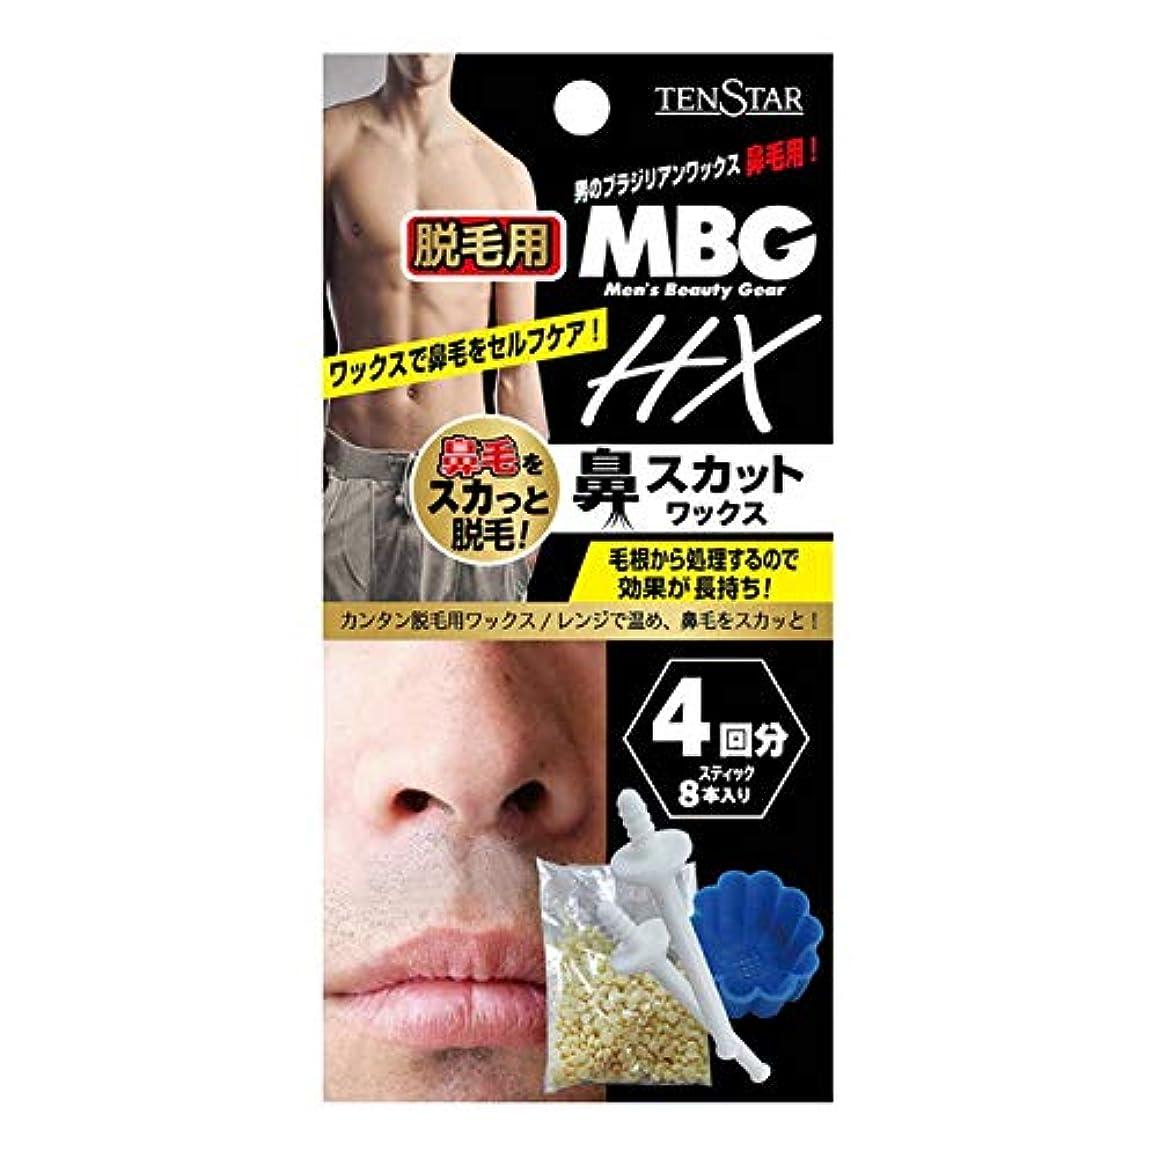 とんでもない項目誰がMBG2-29 MBG HX鼻スカットワックス 20g